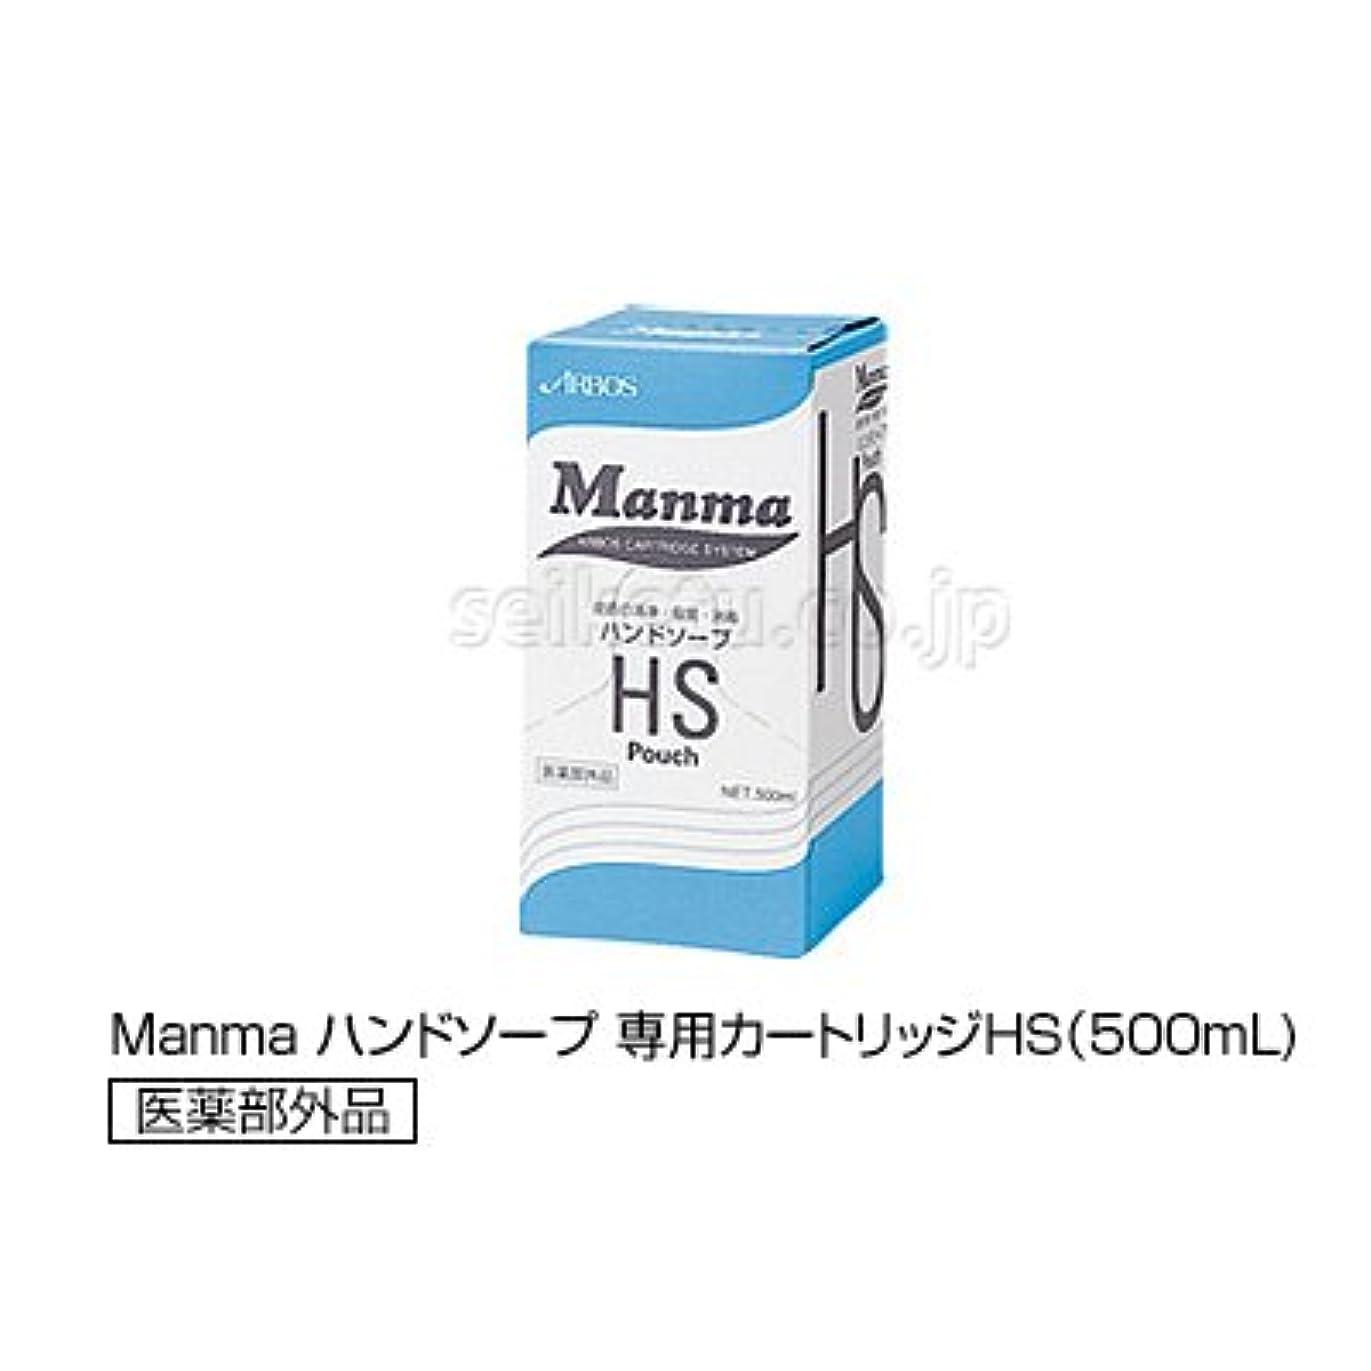 半ば巻き取り場合Manma ハンドソープ 専用カートリッジ/専用カートリッジHS(500mL)【清潔キレイ館】